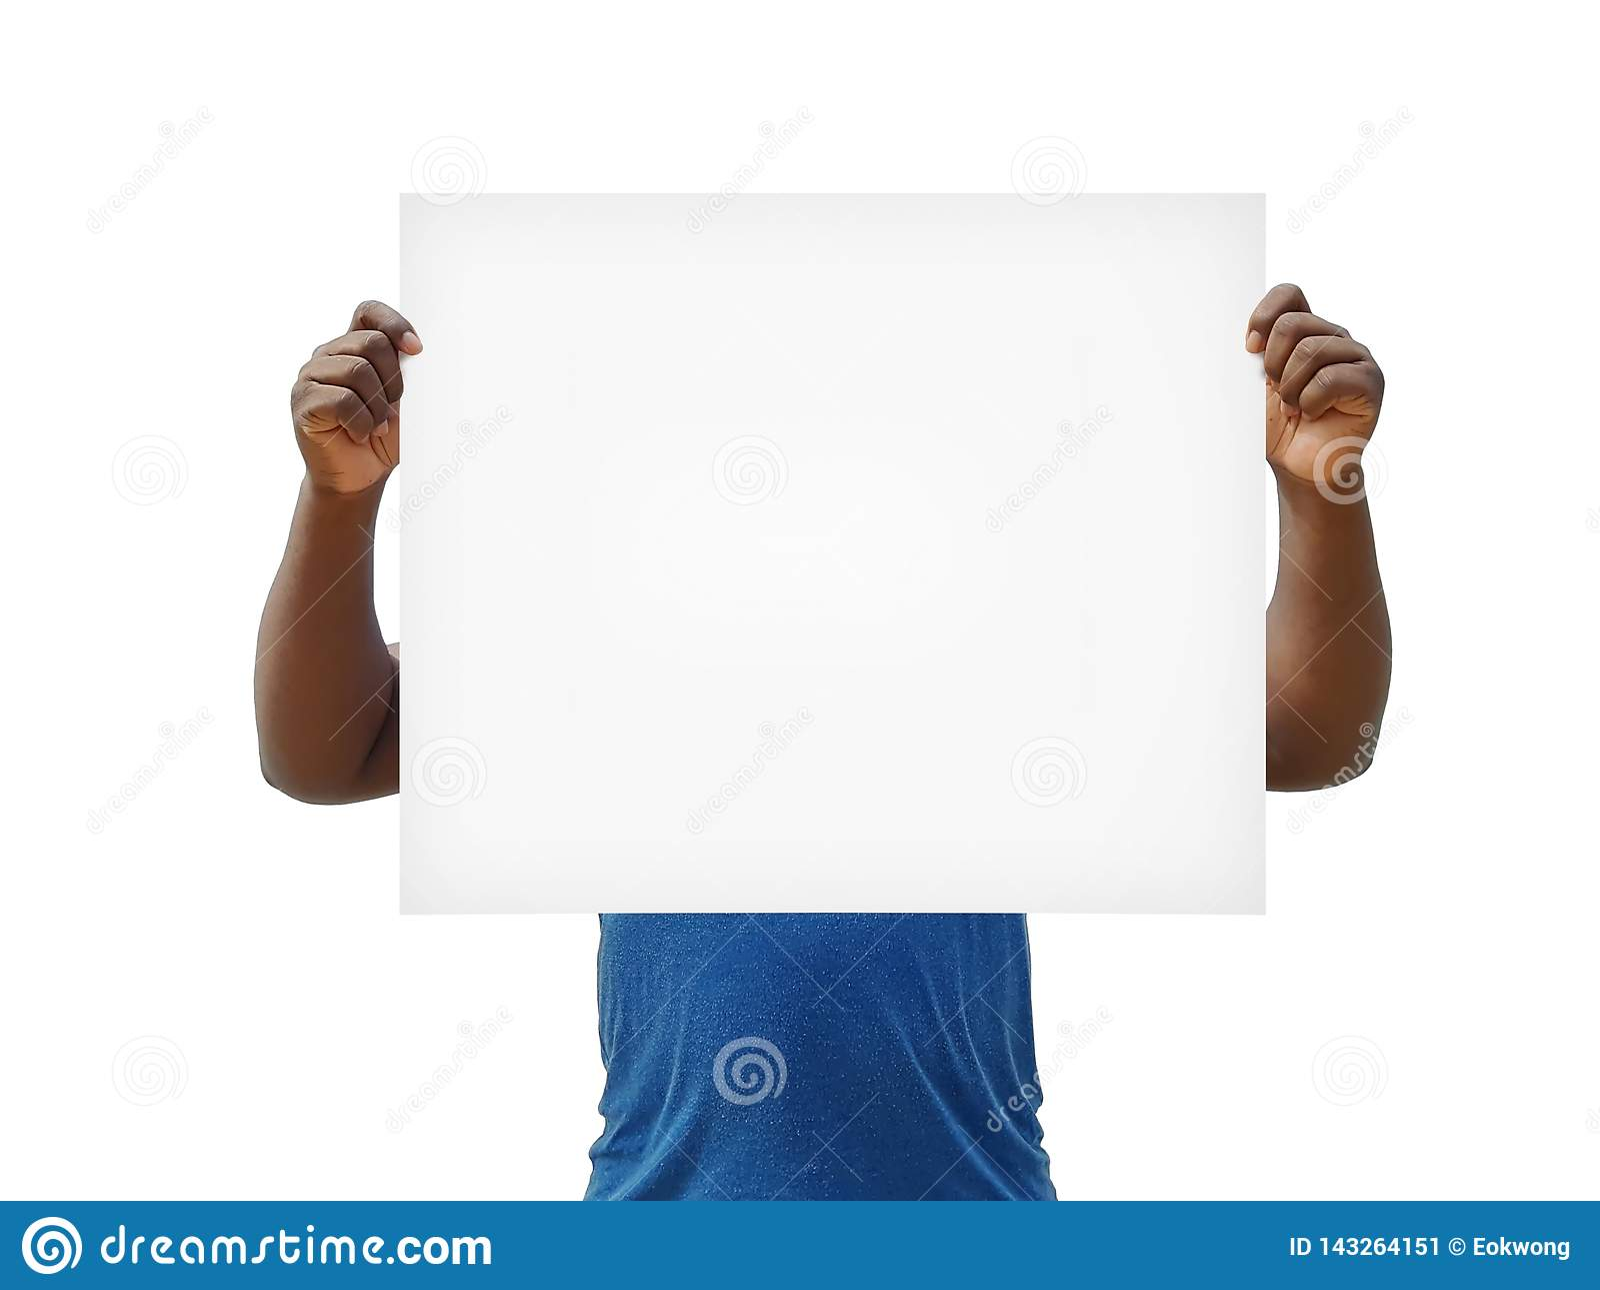 Afrikanischer Mann, der Zeichen des freien Raumes über seinem Gesicht auf einem weißen Hintergrund hält